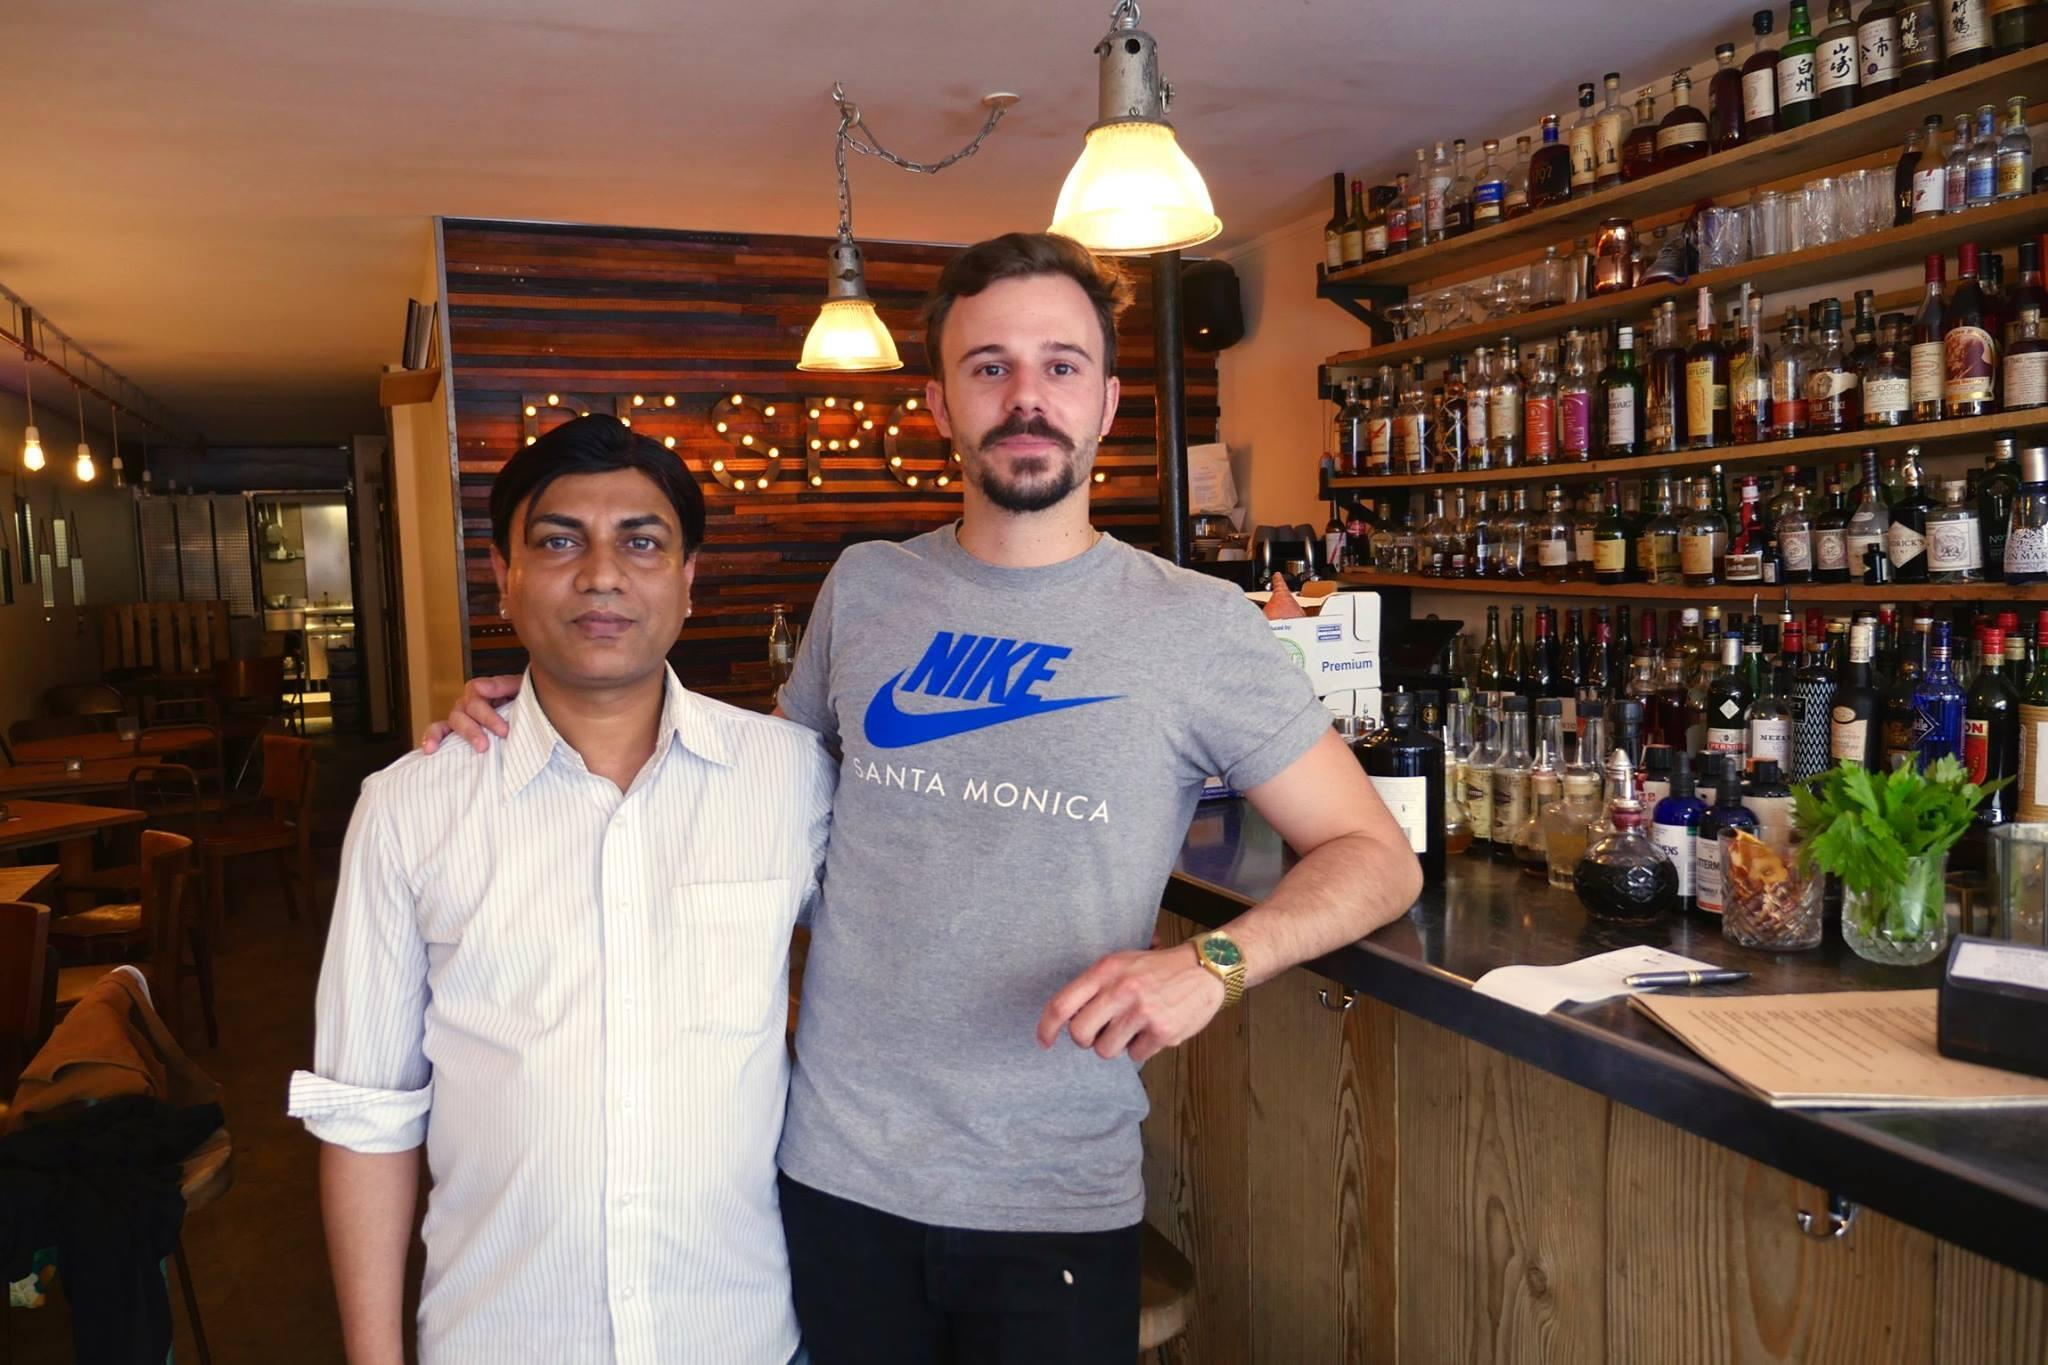 Nicolas, dono do Bespoke Cocktail, gostou tanto do trabalho do indiano Keshar que decidiu contratá-lo.